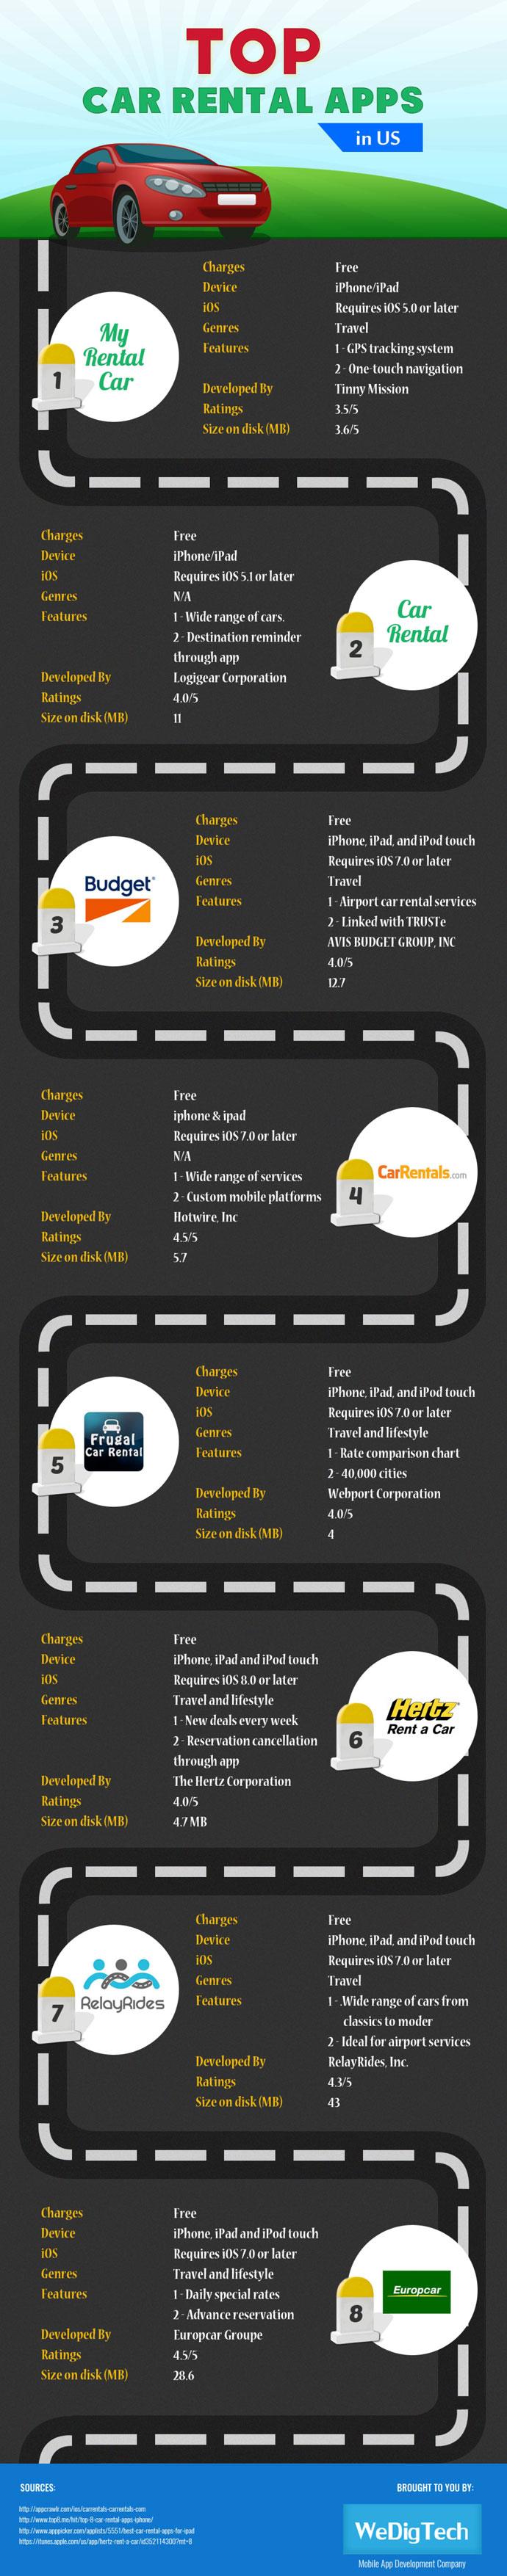 Top Car Rental Apps In US